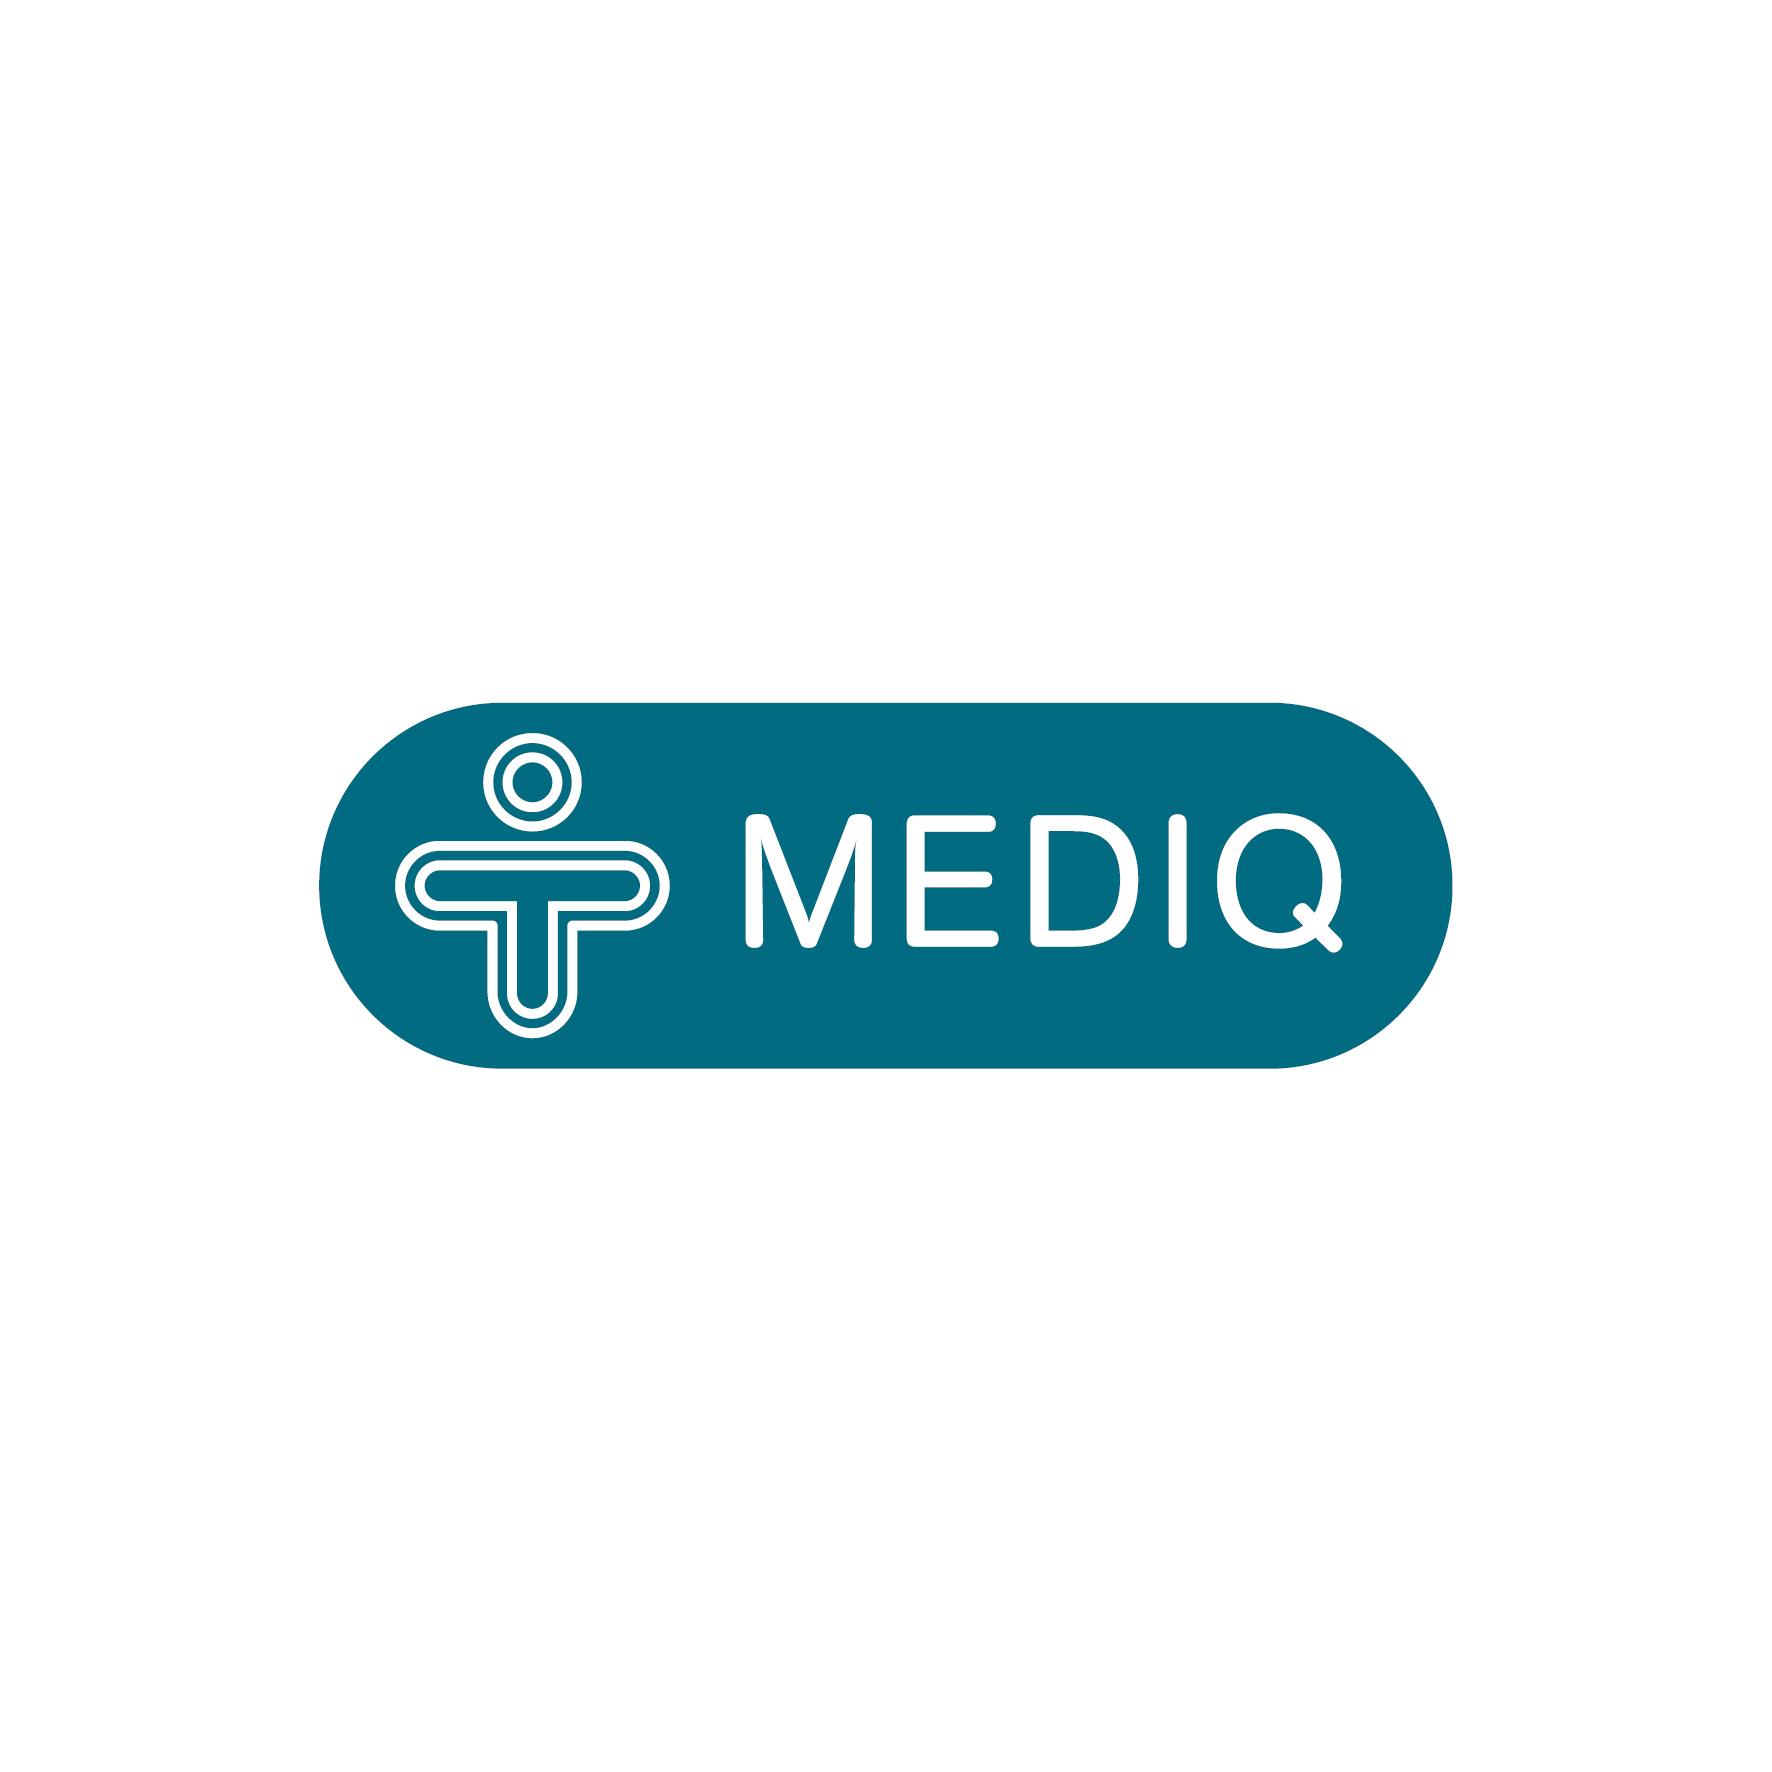 Mediq Eesti OÜ